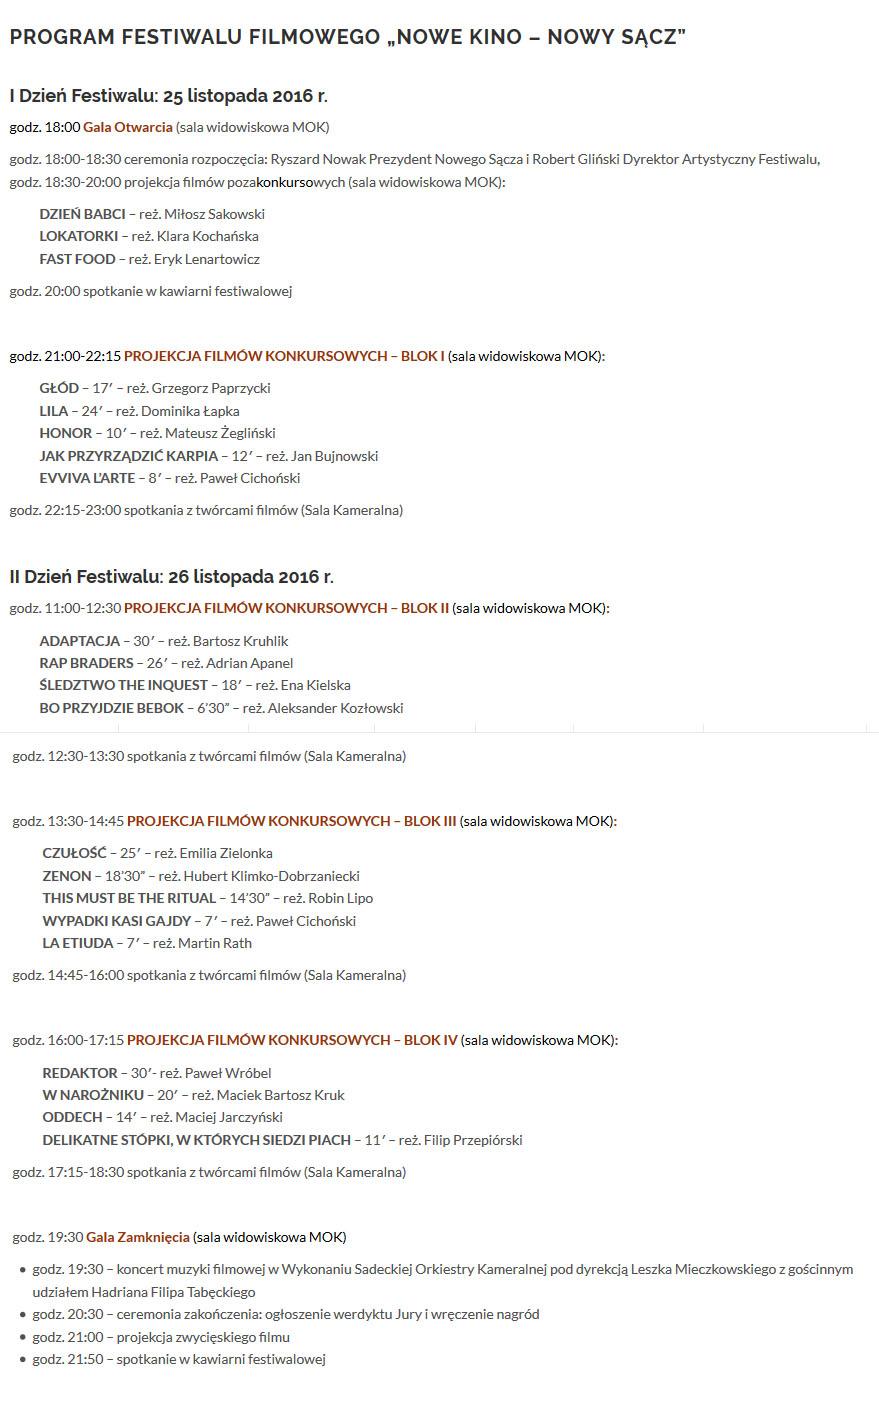 program festiwalu firmowego nowe kino nowy sacz